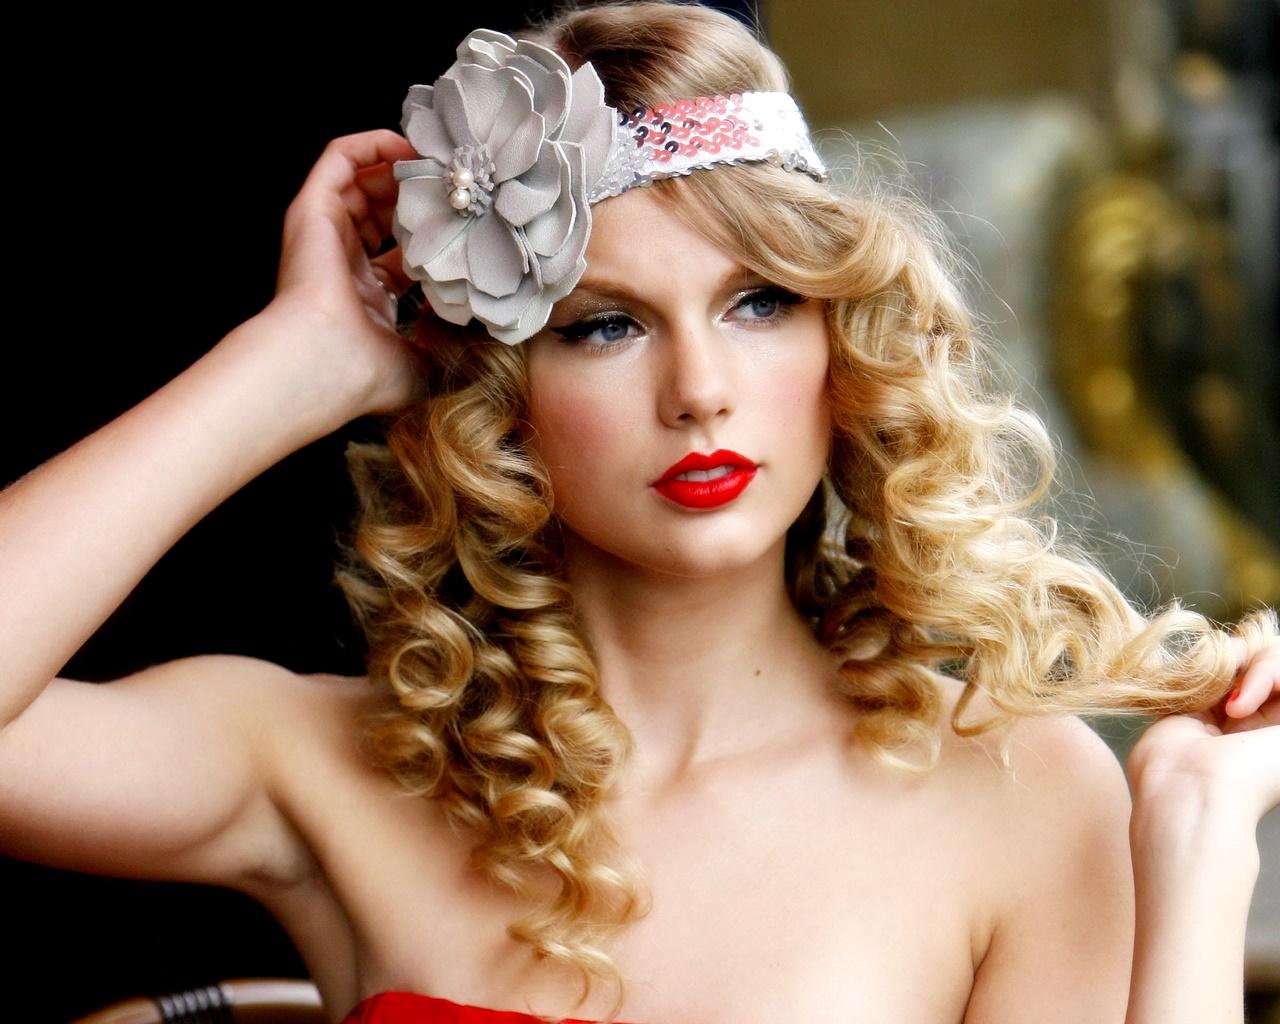 http://2.bp.blogspot.com/-1PtQYKH-R2M/T9Vp4B0qqpI/AAAAAAAATaE/IsOePQC4ovc/s1600/Taylor-Swift4.jpg